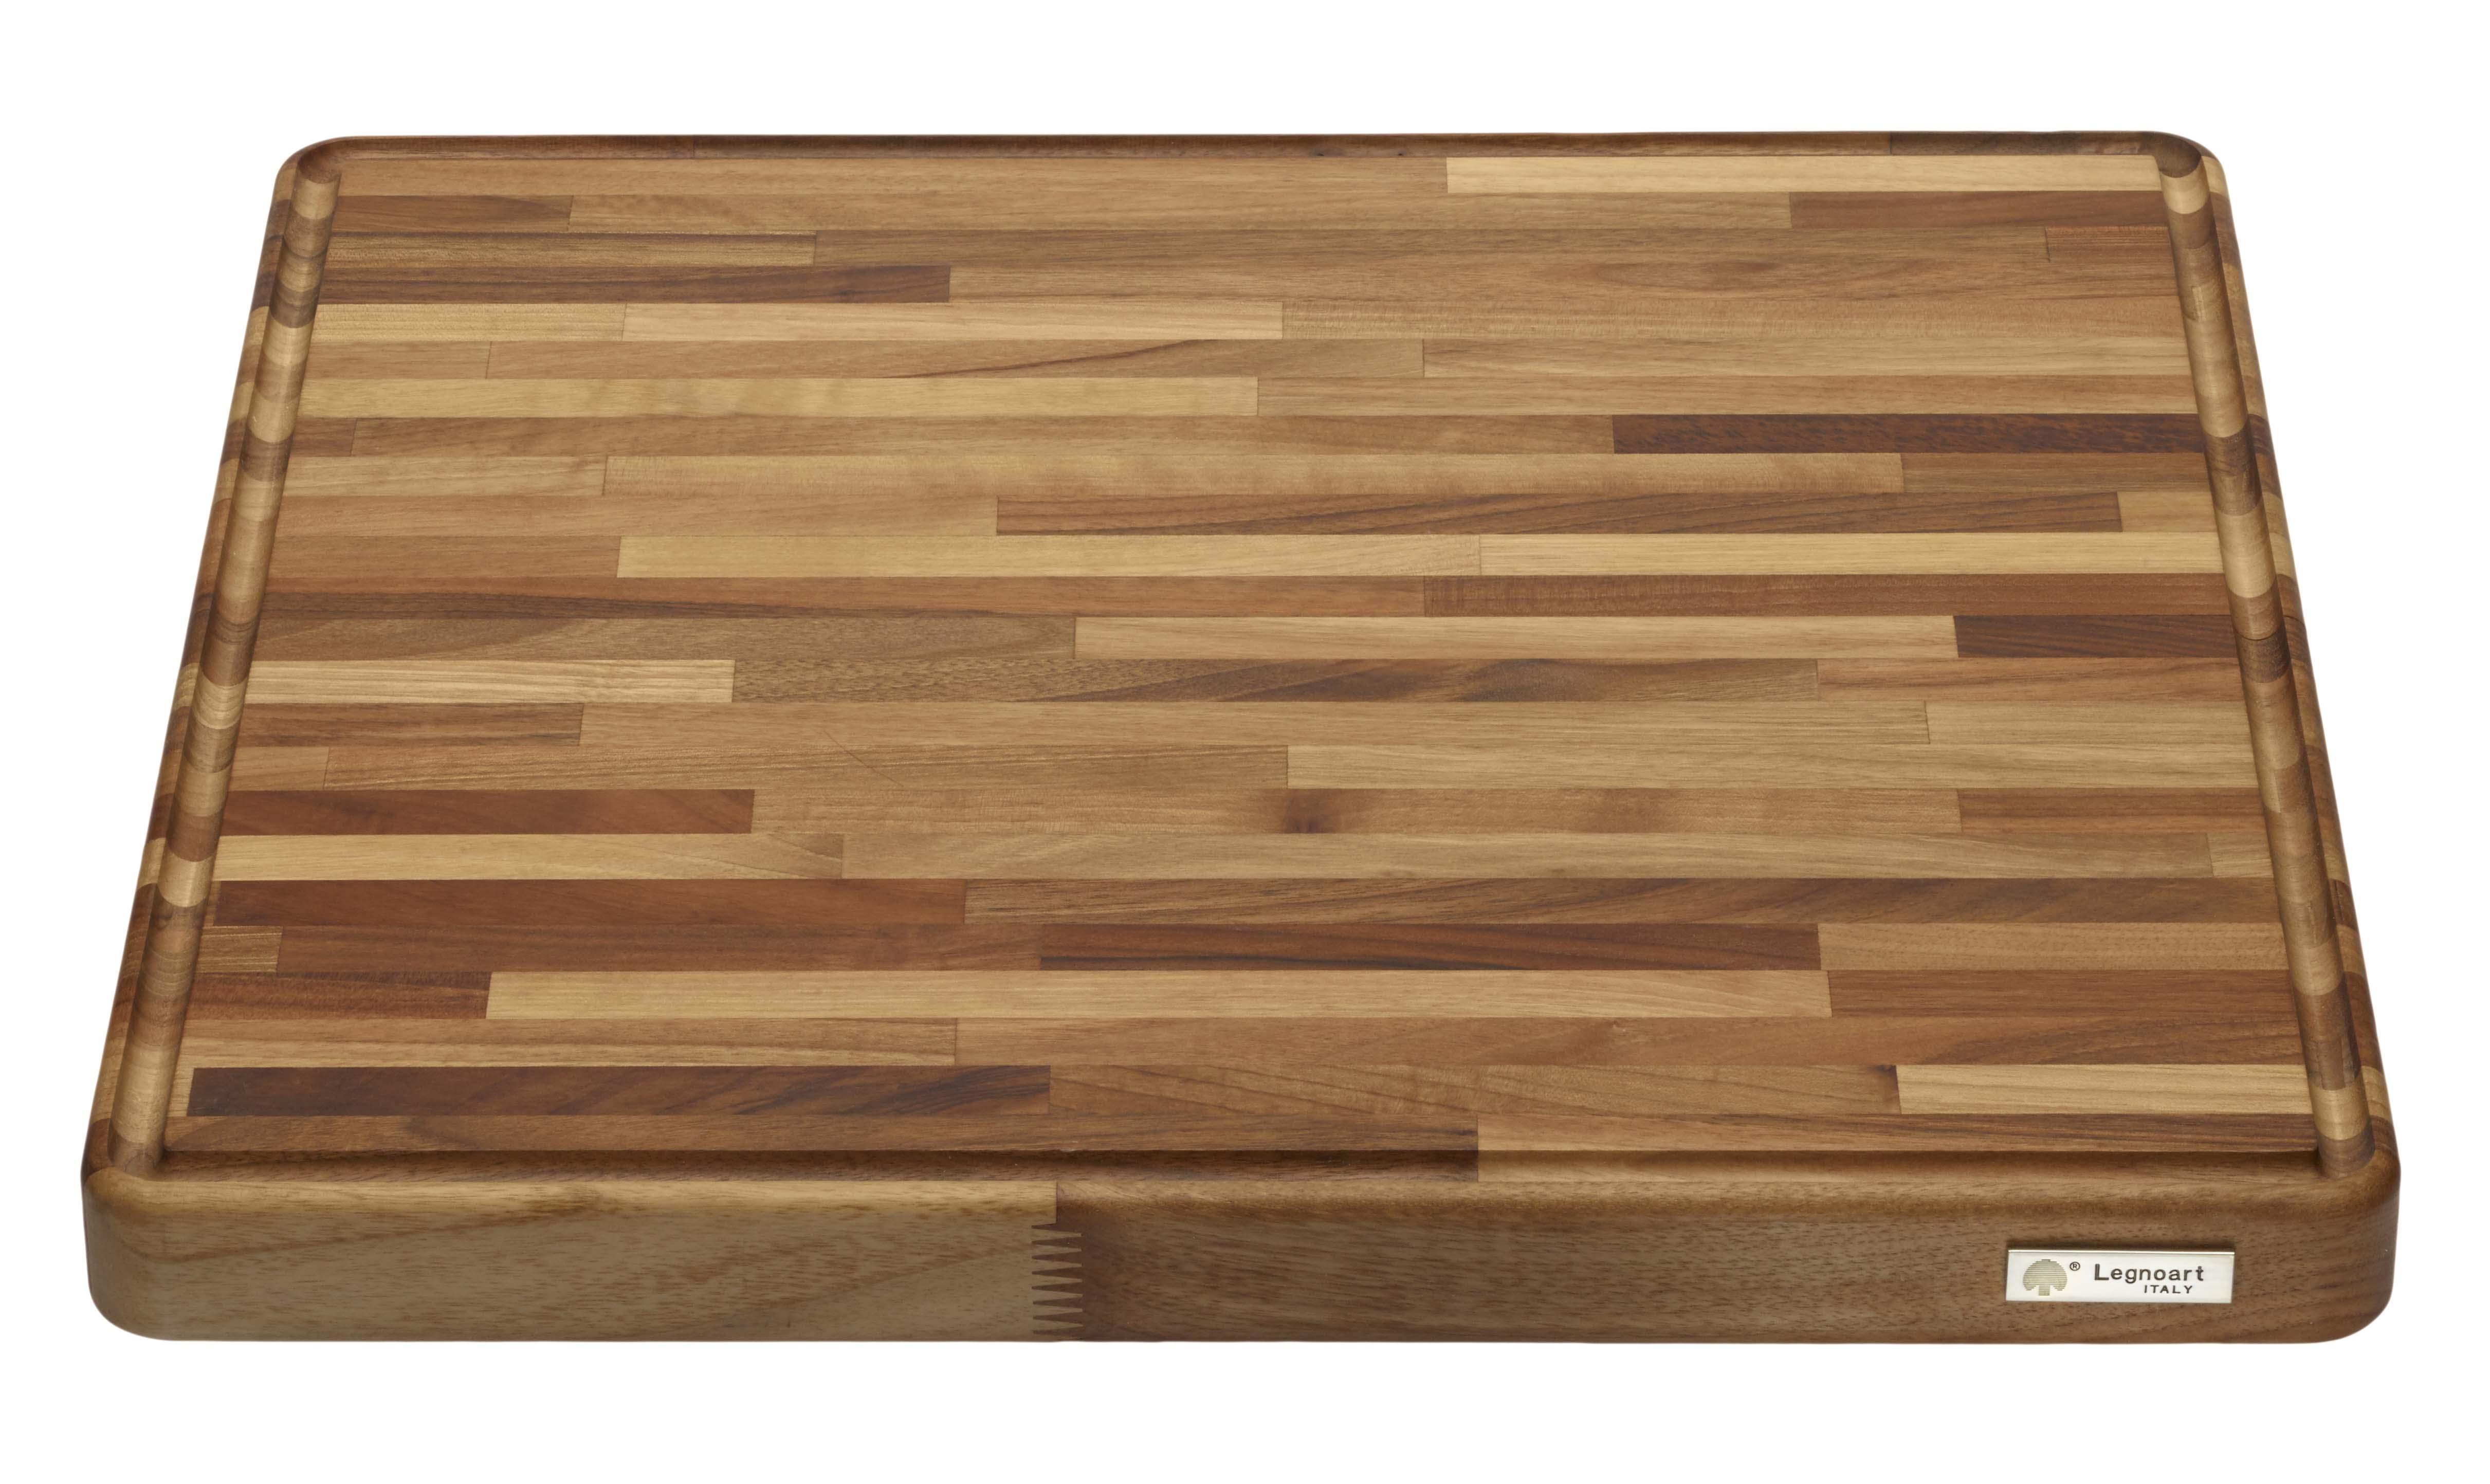 Chef´s TOP 600x500x40/70 Hackbrett aus Nußbaumholz Natur, Oberflächenbehandlung mit Biologischen Produkten